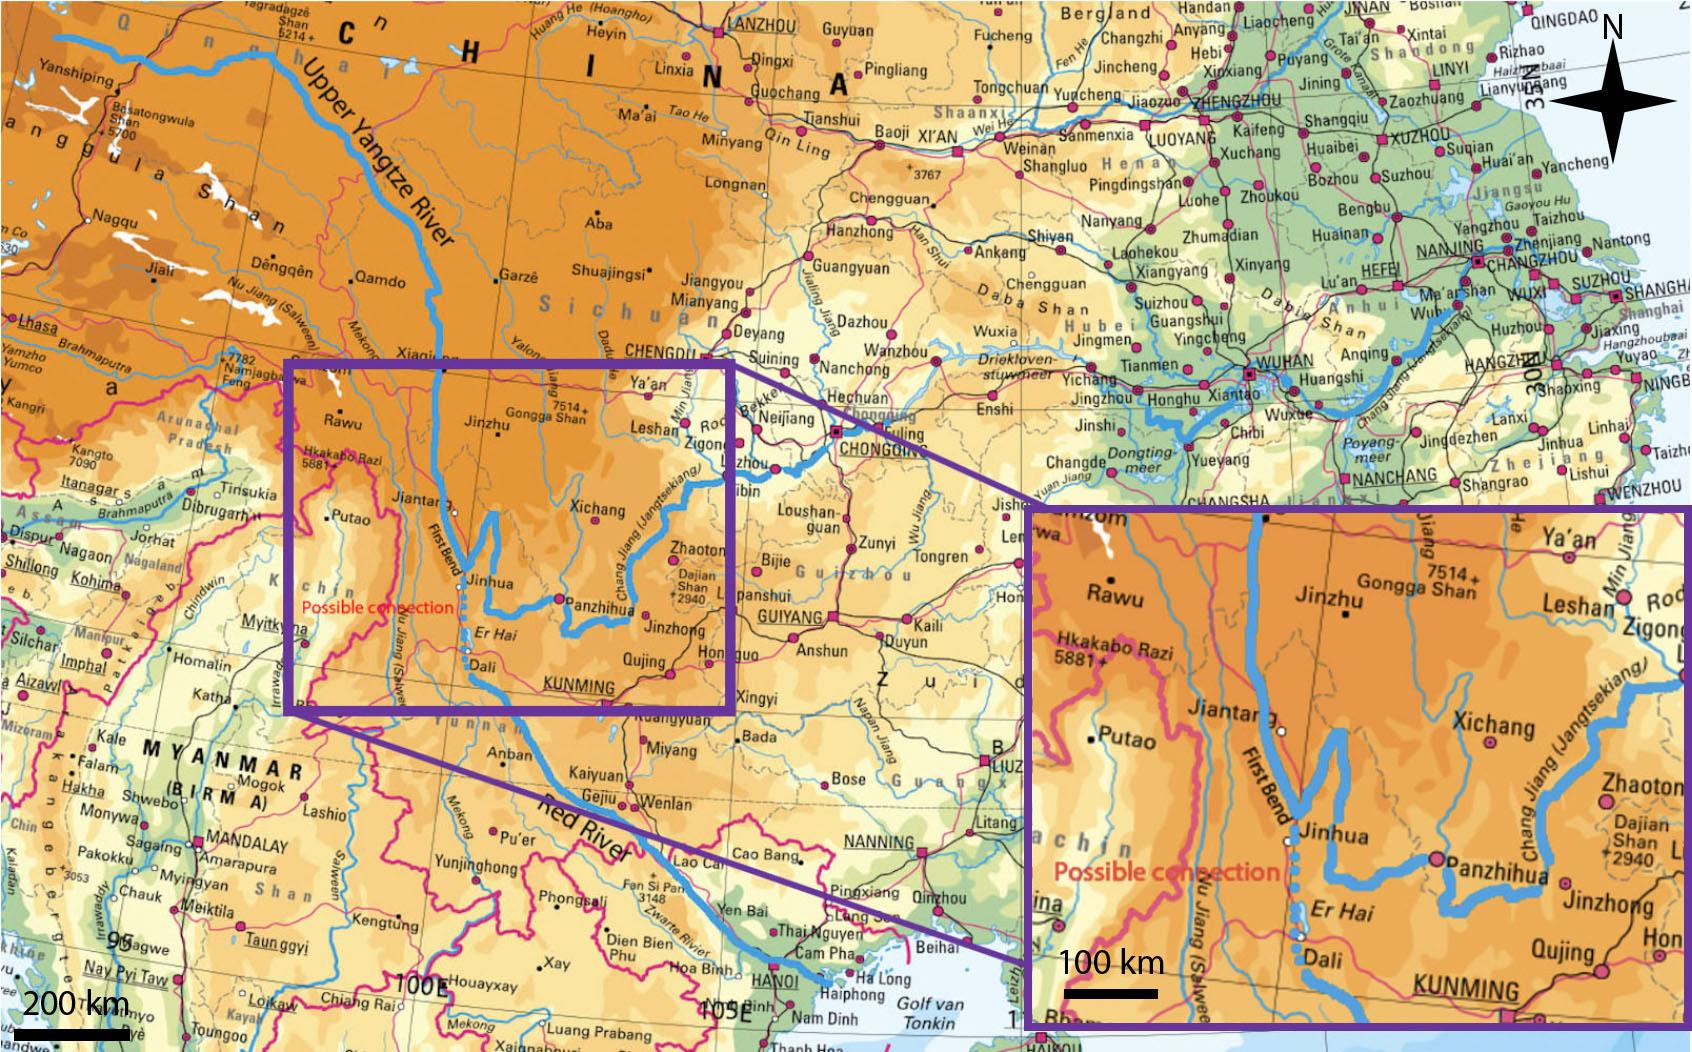 Geo.brief Uitgelicht: De knik in de Yangtze rivier